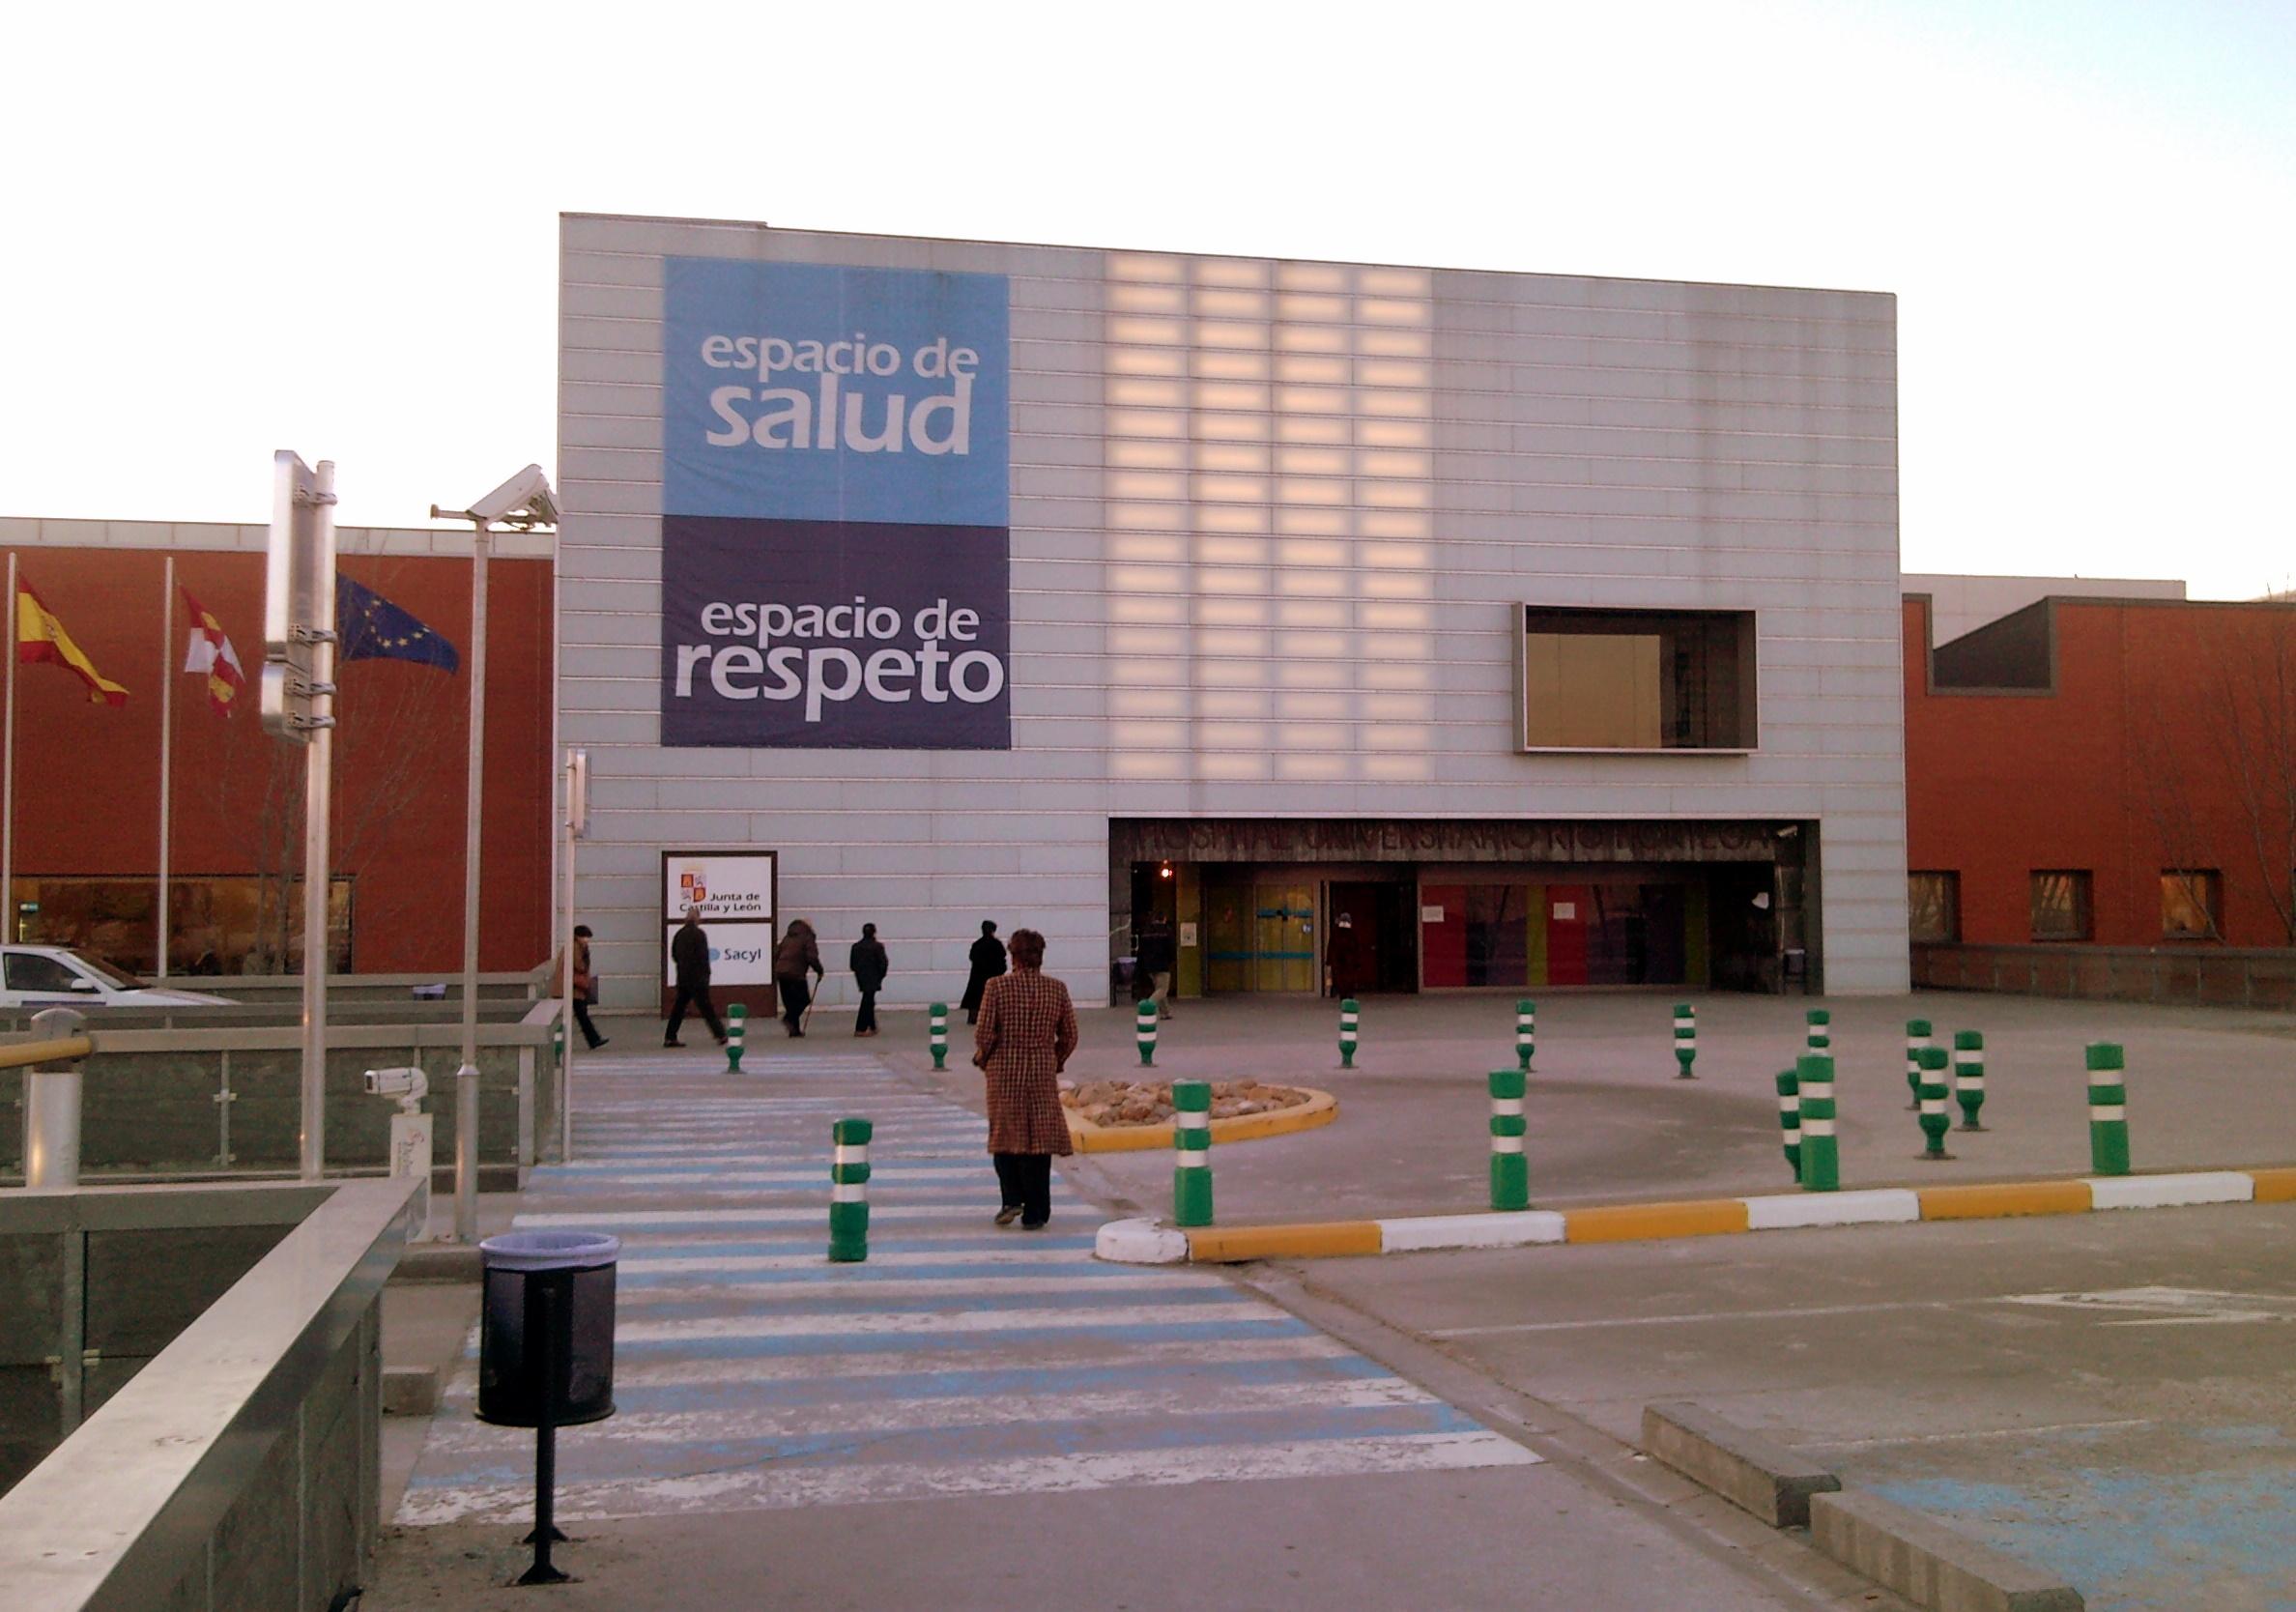 Universitario WikipediaLa Enciclopedia Libre Hortega Hospital Río trBhdCsQx